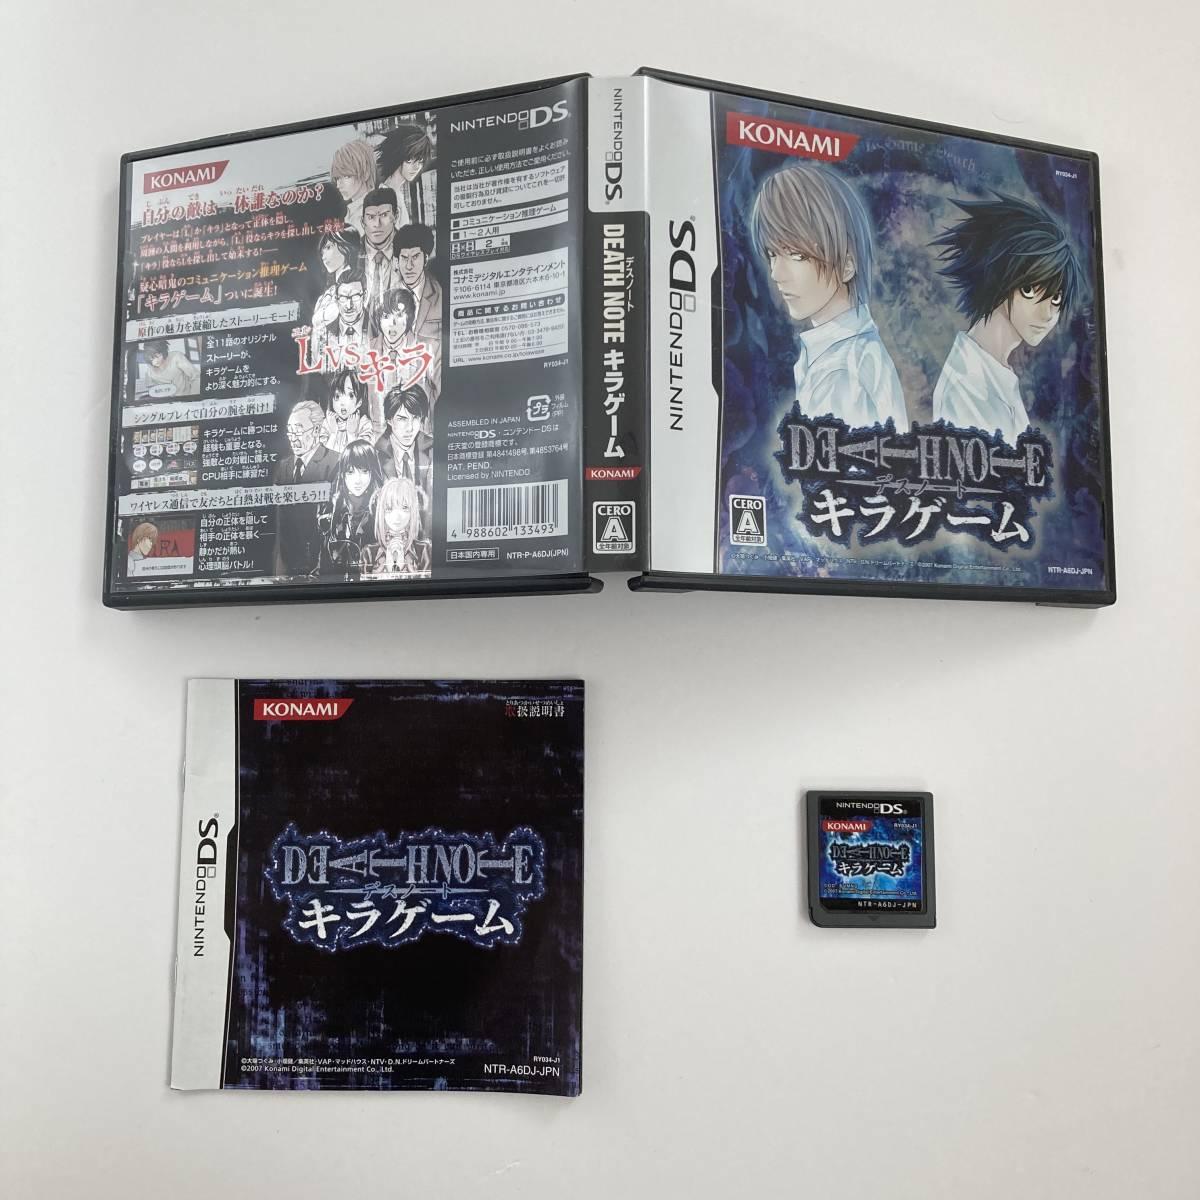 任天堂DS デスノート キラゲーム 螺旋の罠 Lを継ぐ者 / Lot 3 Death Note DS Kira Game Rasen no Trap L wo Tsugu mono Nintendo NDS Japan